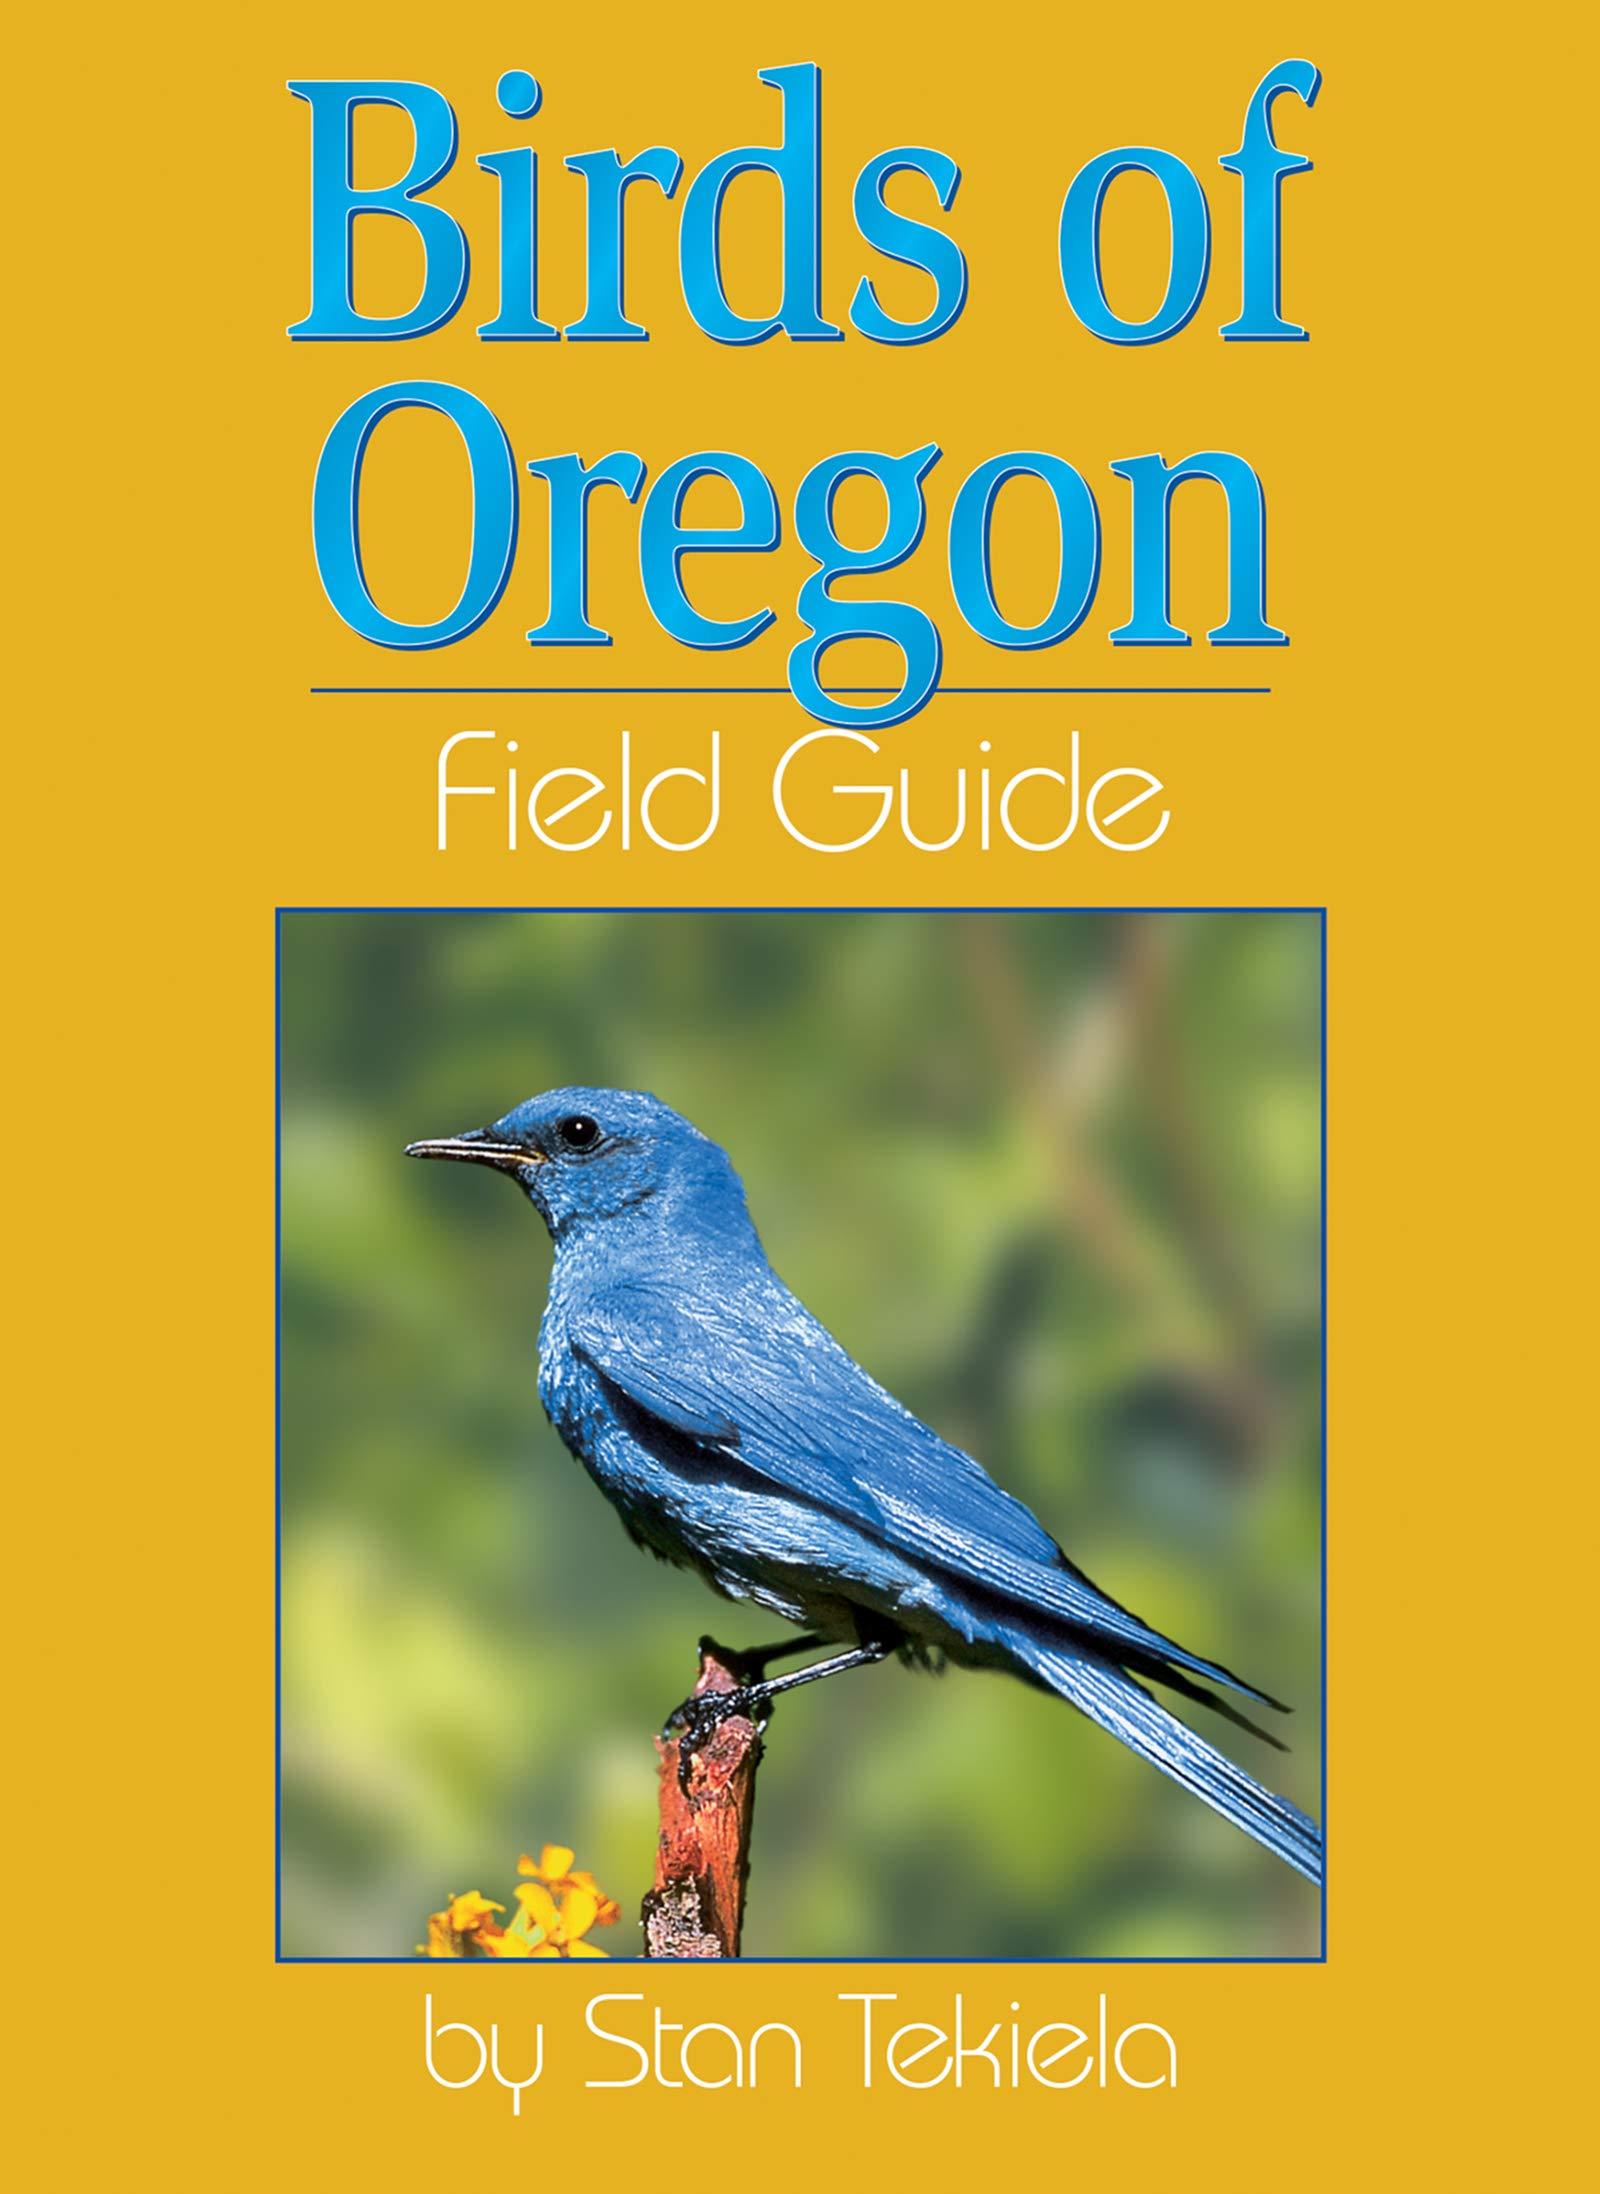 Birds of Oregon Field Guide: Stan Tekiela: 9781885061317